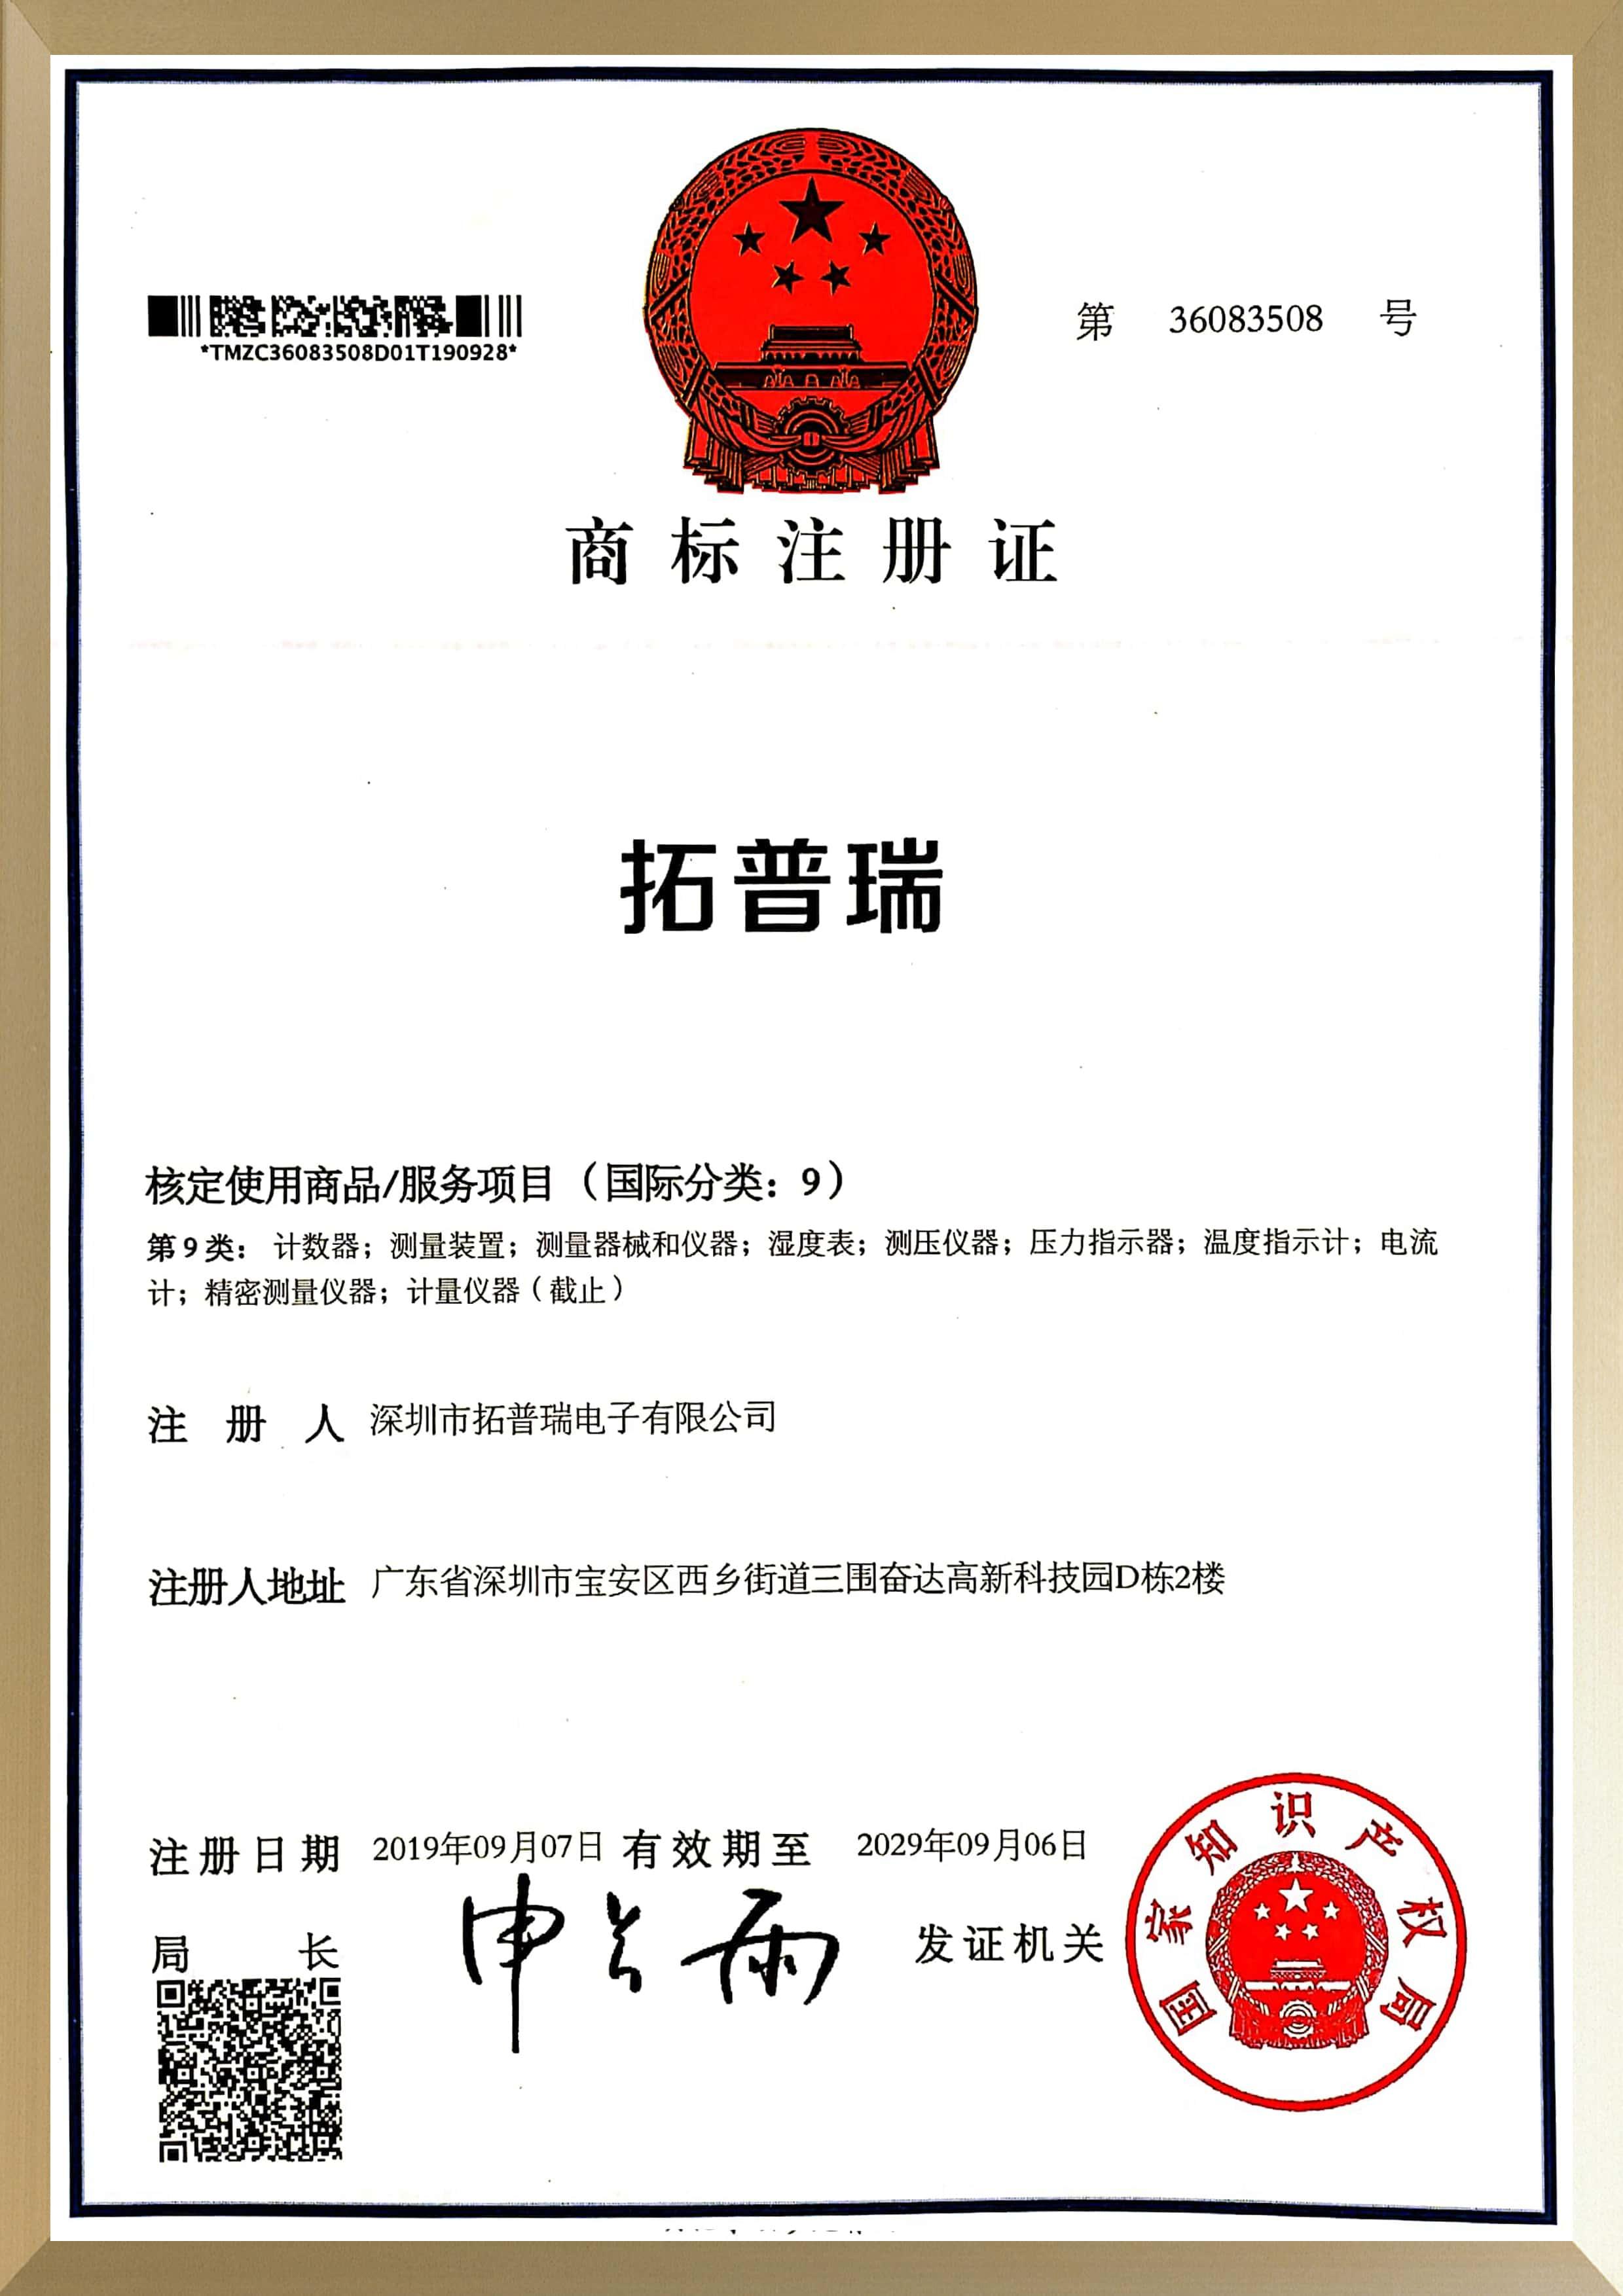 拓普瑞商标证书